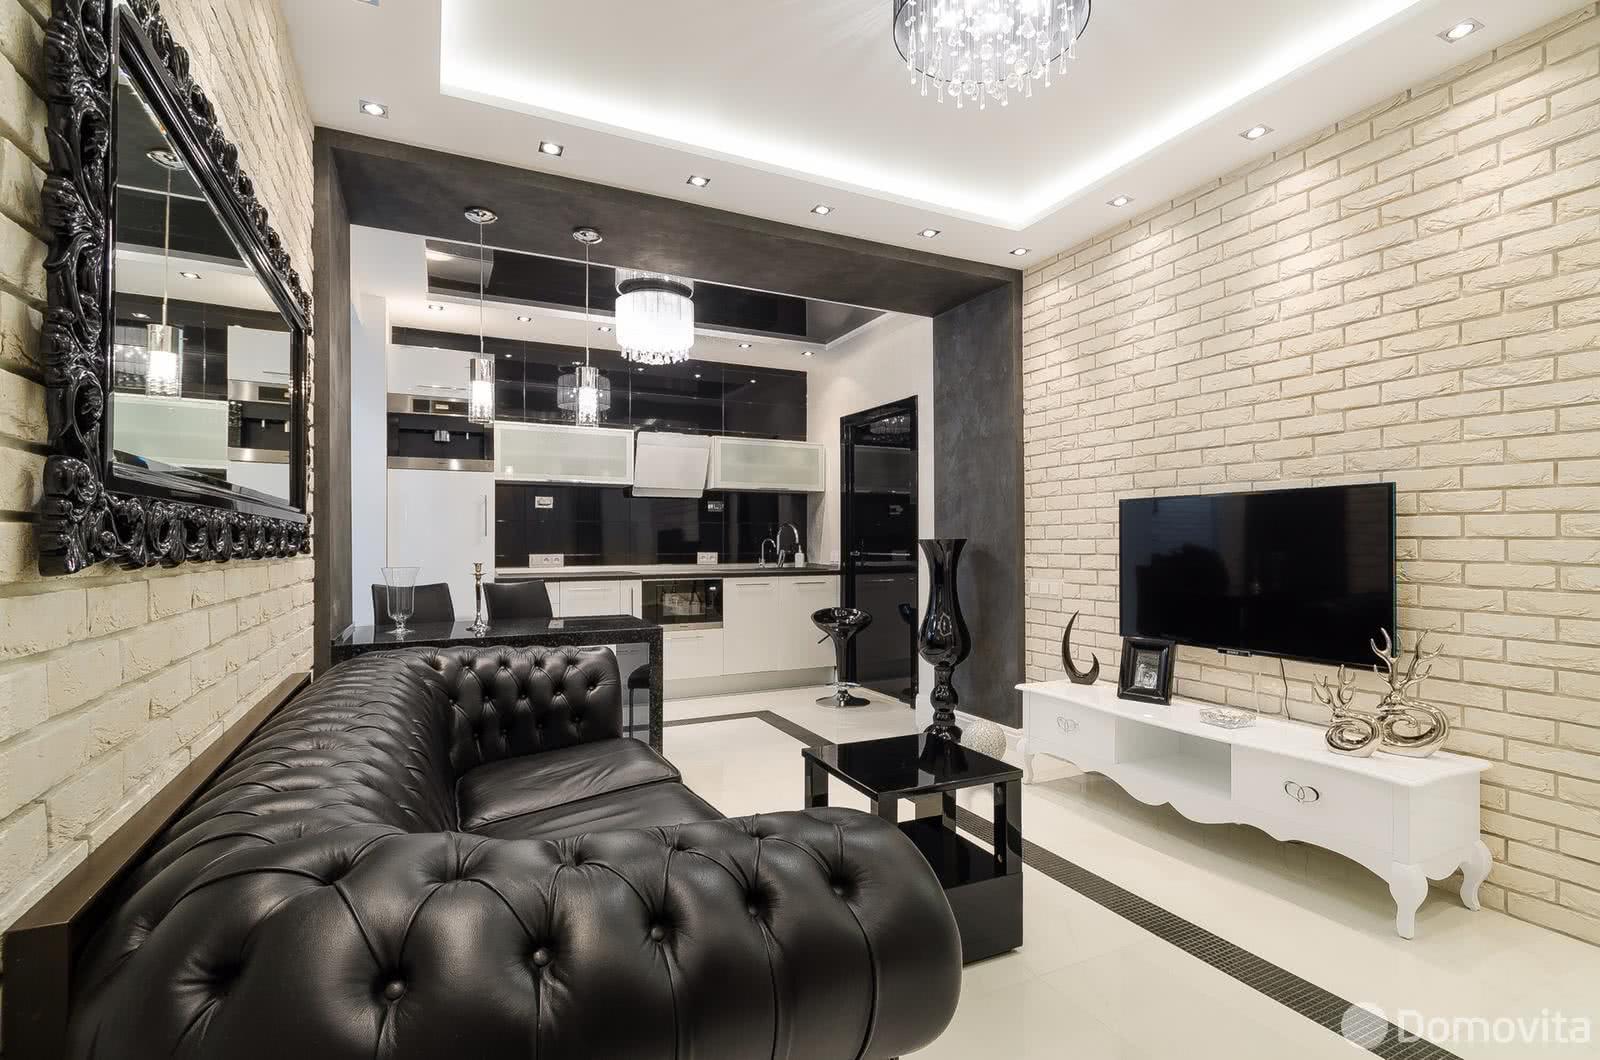 2-комнатная квартира на сутки в Минске ул. Ленина, д. 11 - фото 1